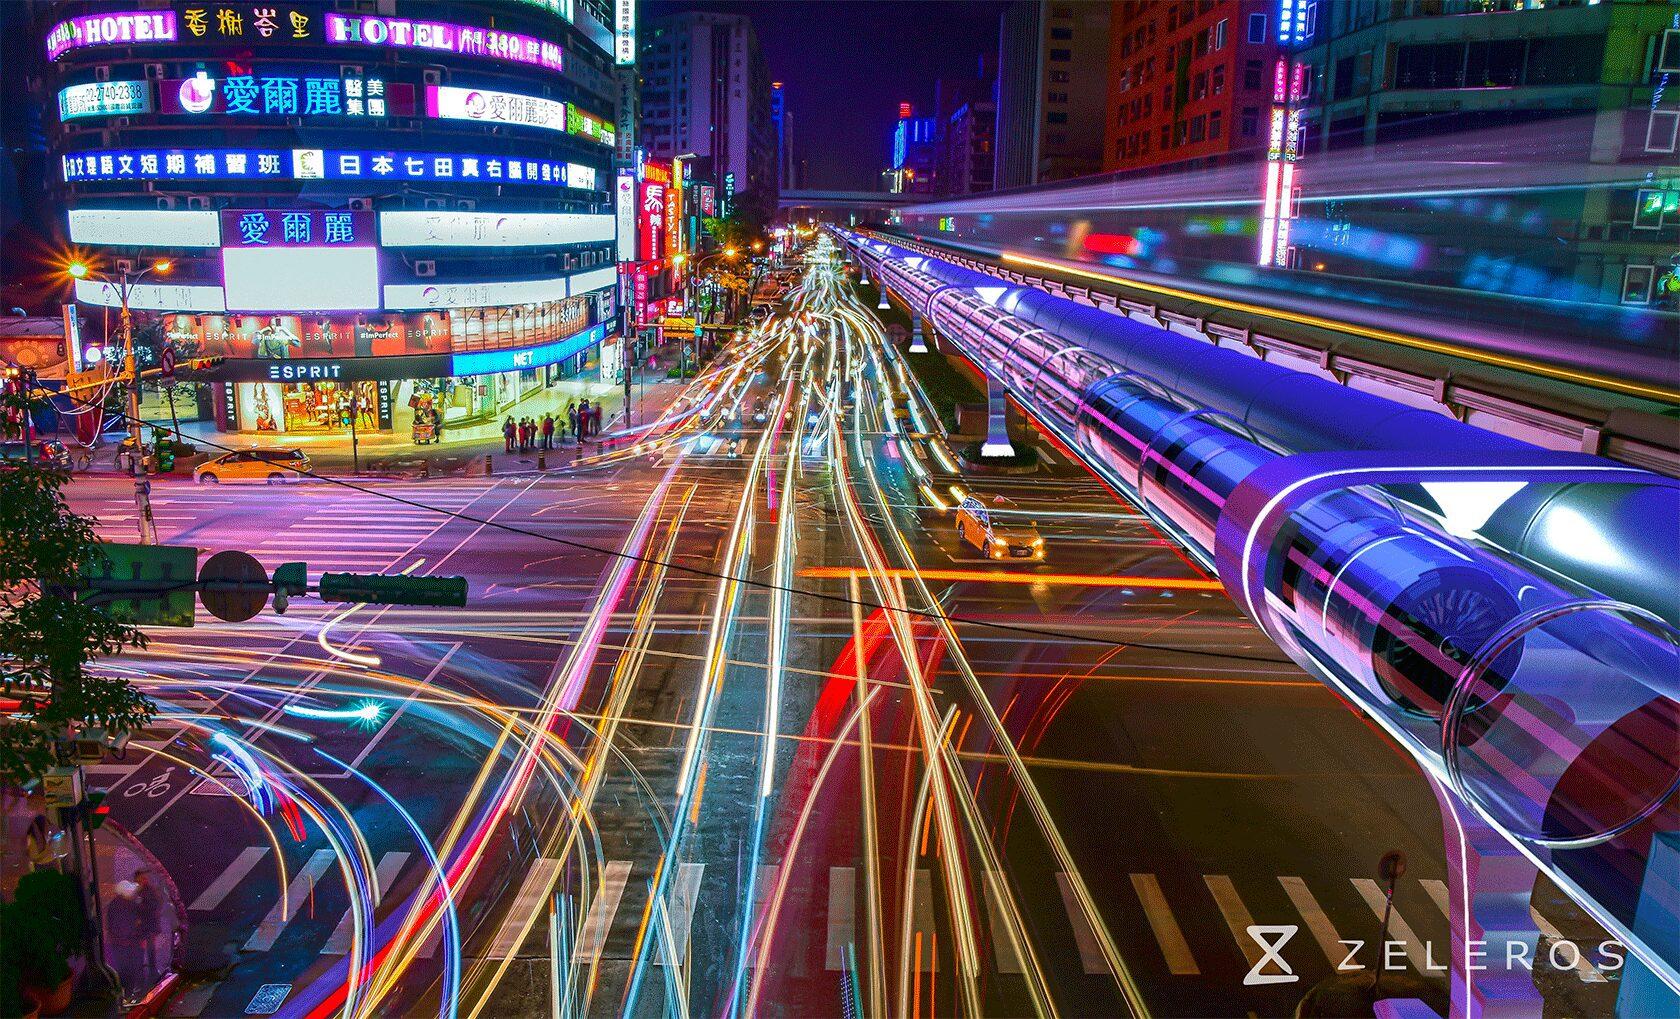 Zeleros hyperloop in the city